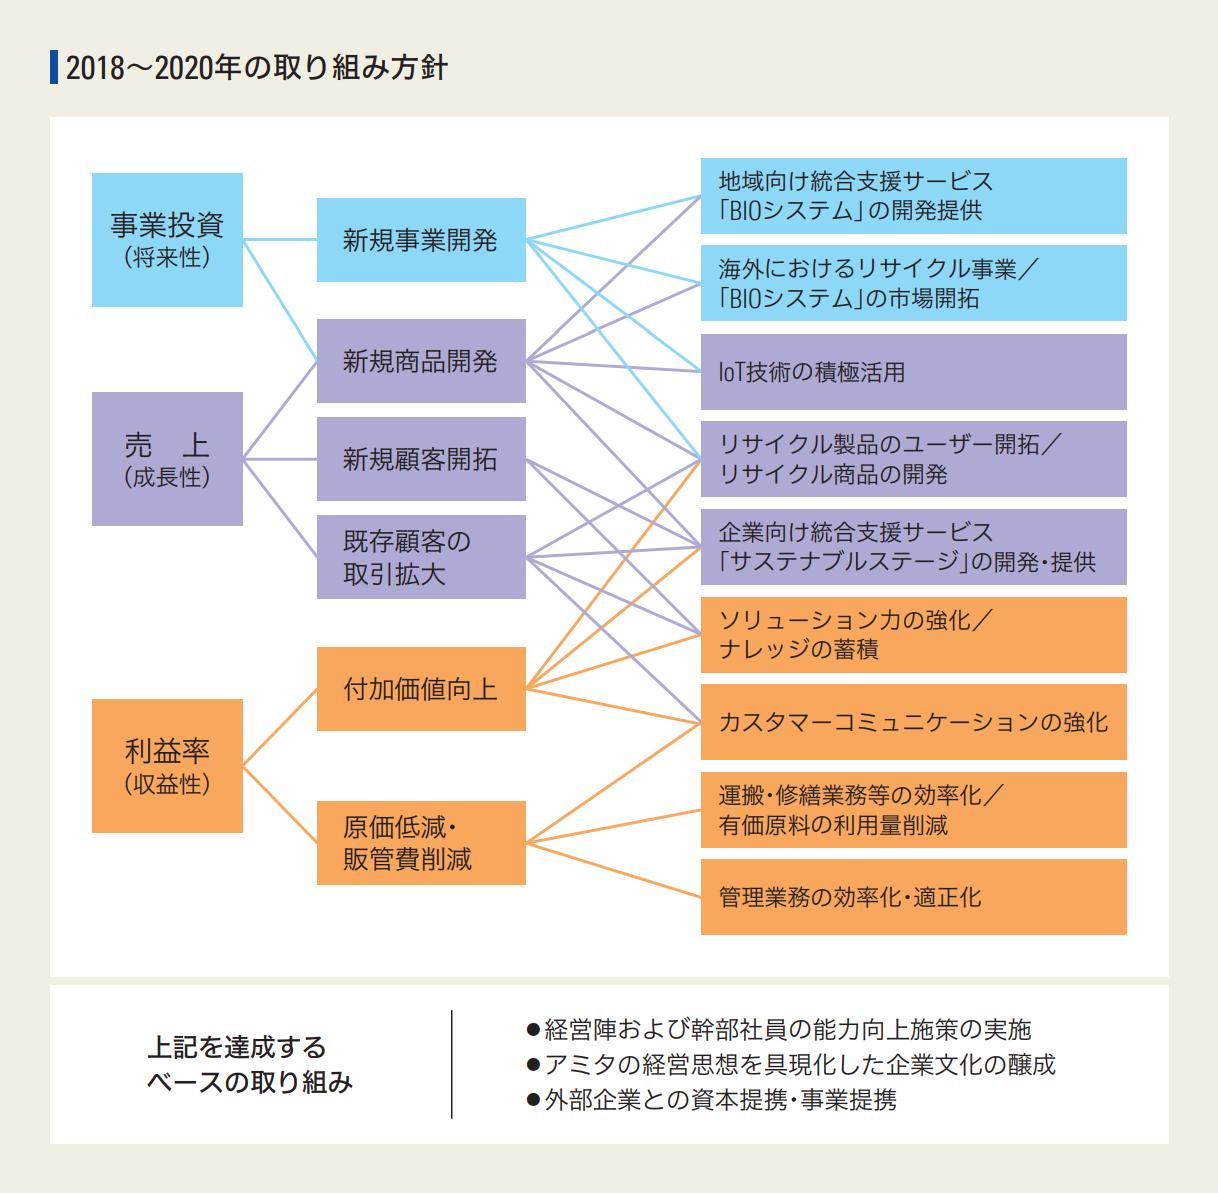 http://www.amita-hd.co.jp/ir/images/AMITA_mid2018-2020.png